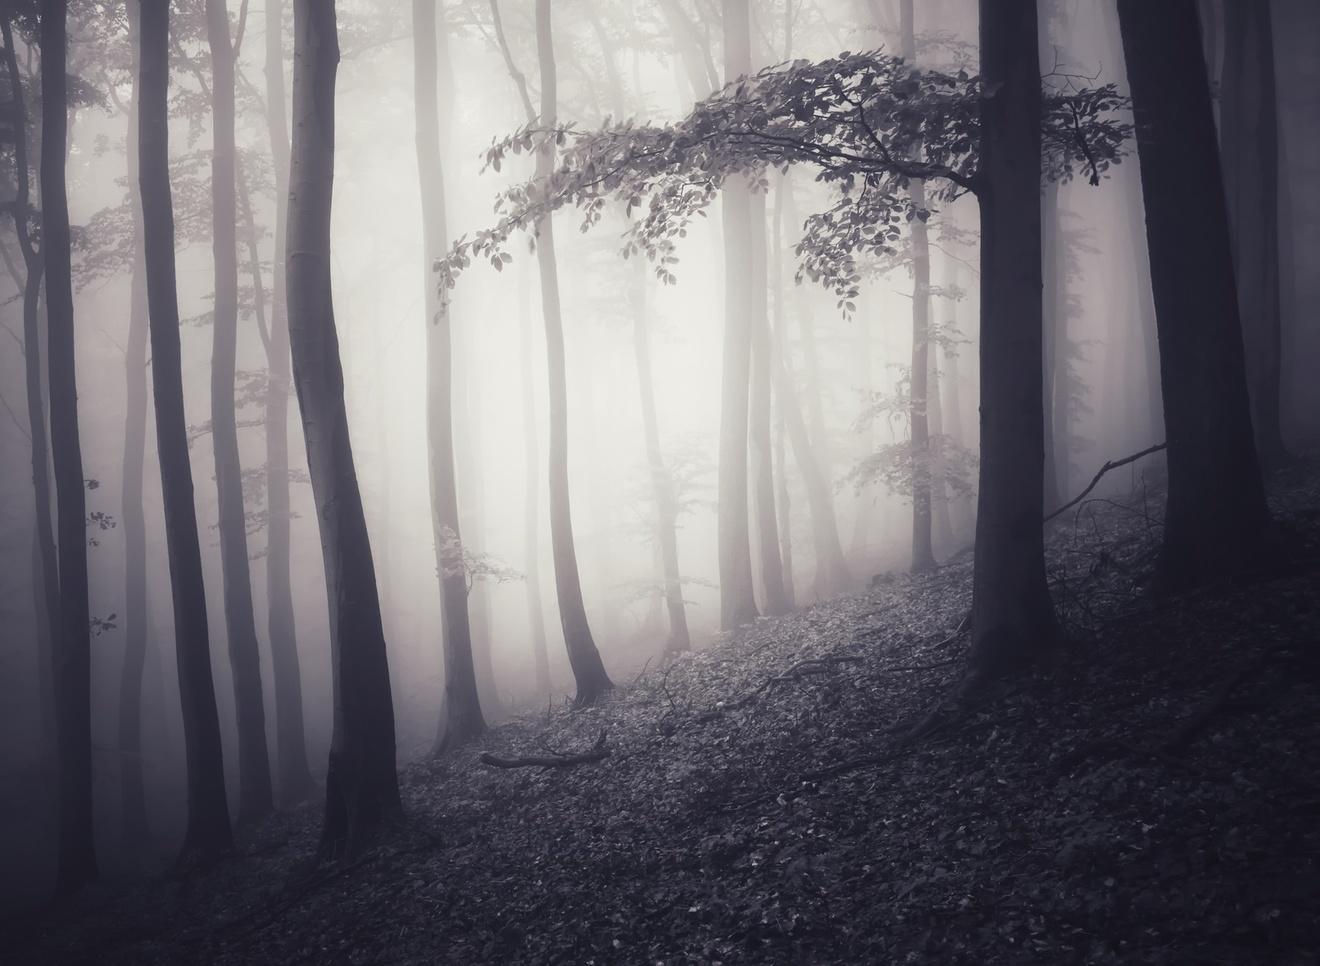 死がテーマの小説おすすめ5選!考えさせられる作品たち